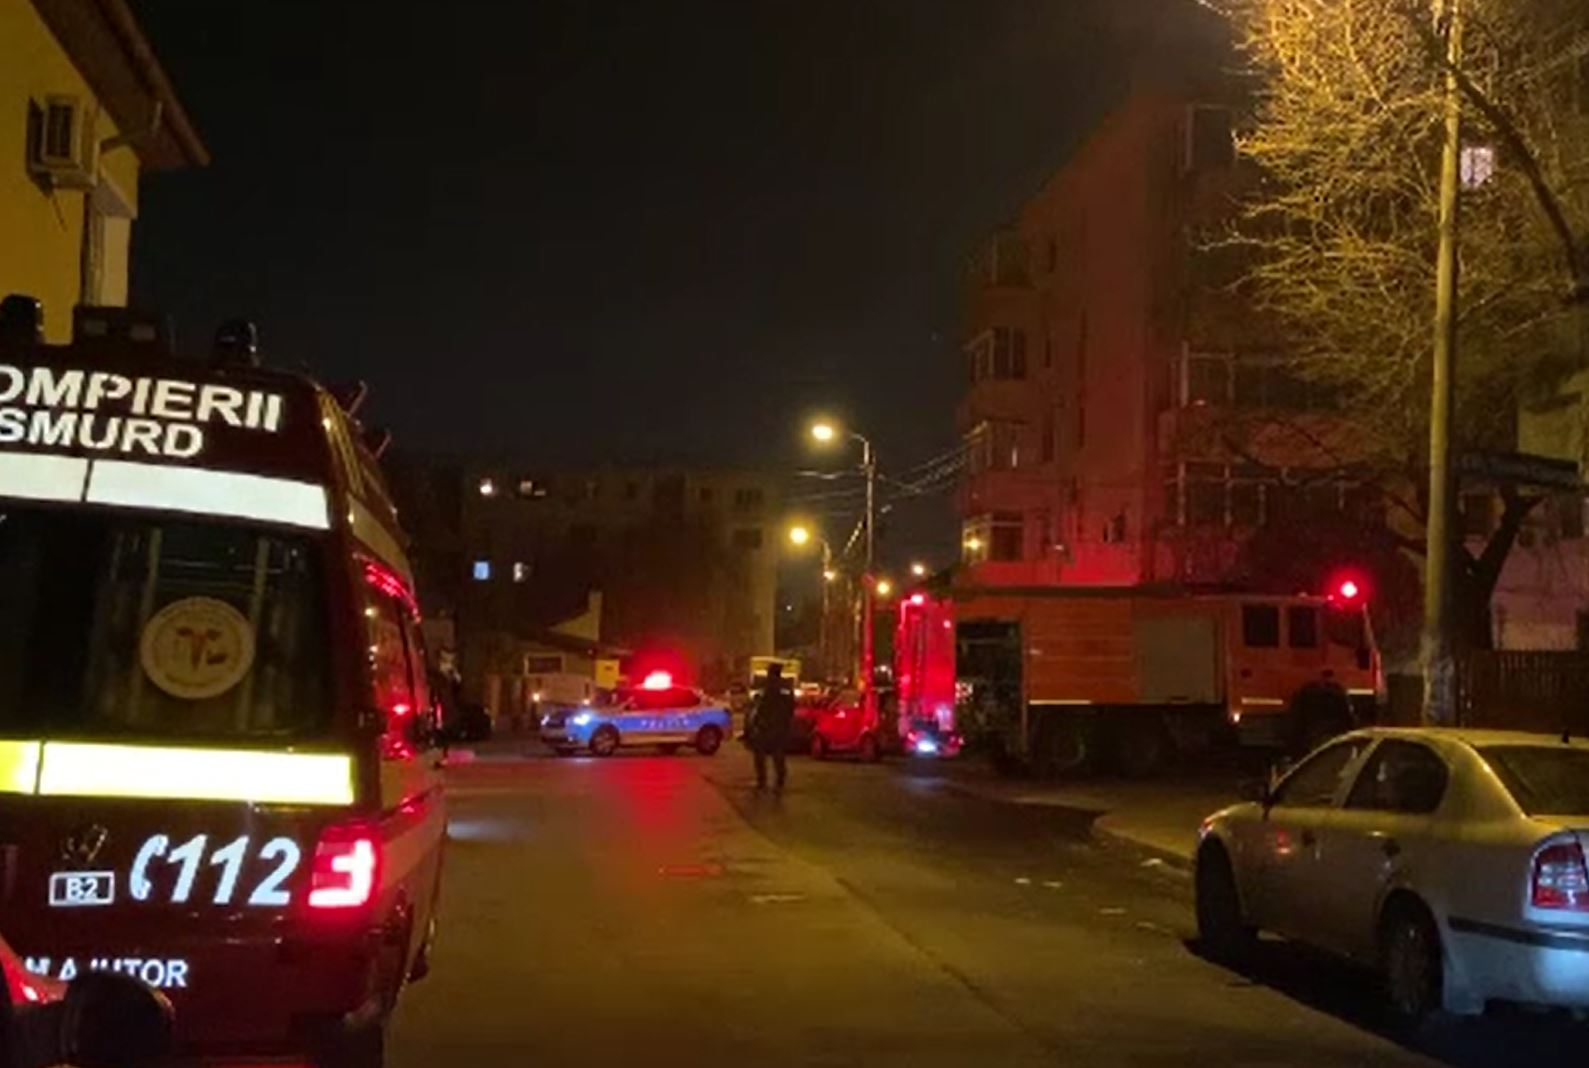 Pericol de explozie într-un bloc din Ploiești. Toți locatarii au fost evacuați